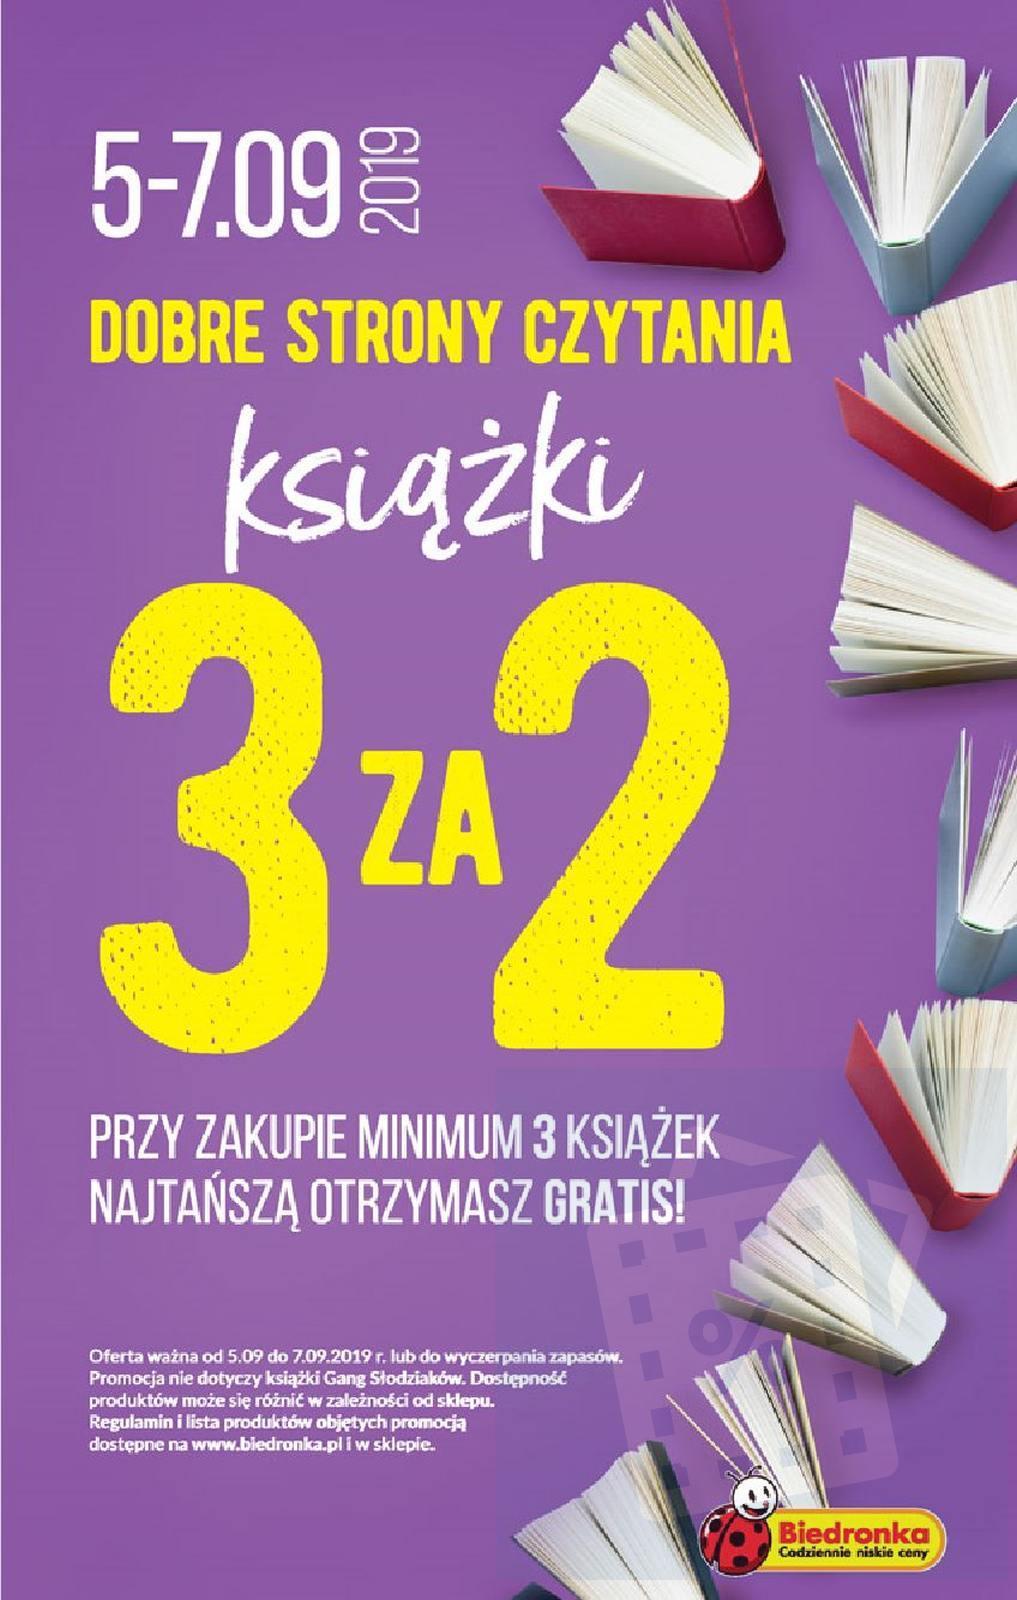 Gazetka promocyjna Biedronka do 11/09/2019 str.60